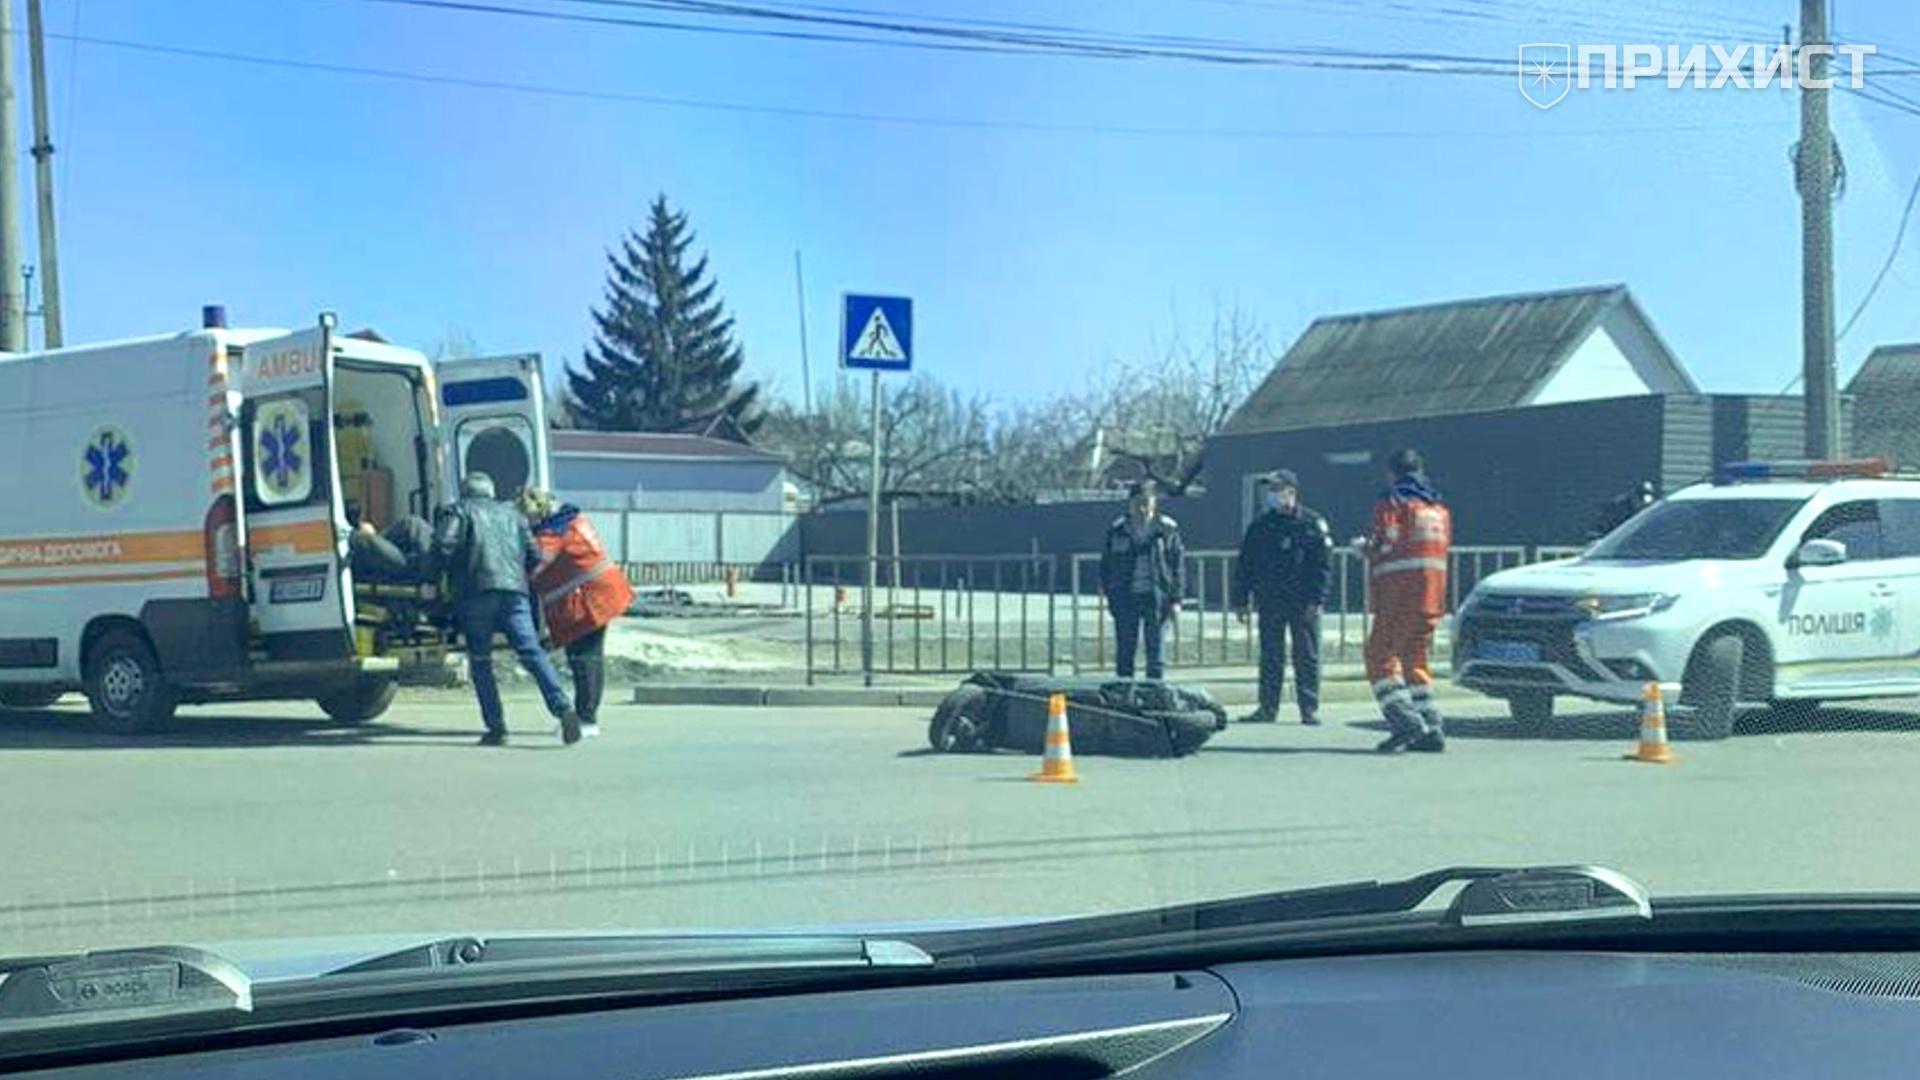 ДТП на проспекте Электрометаллургов: водитель скутера в больнице | Прихист